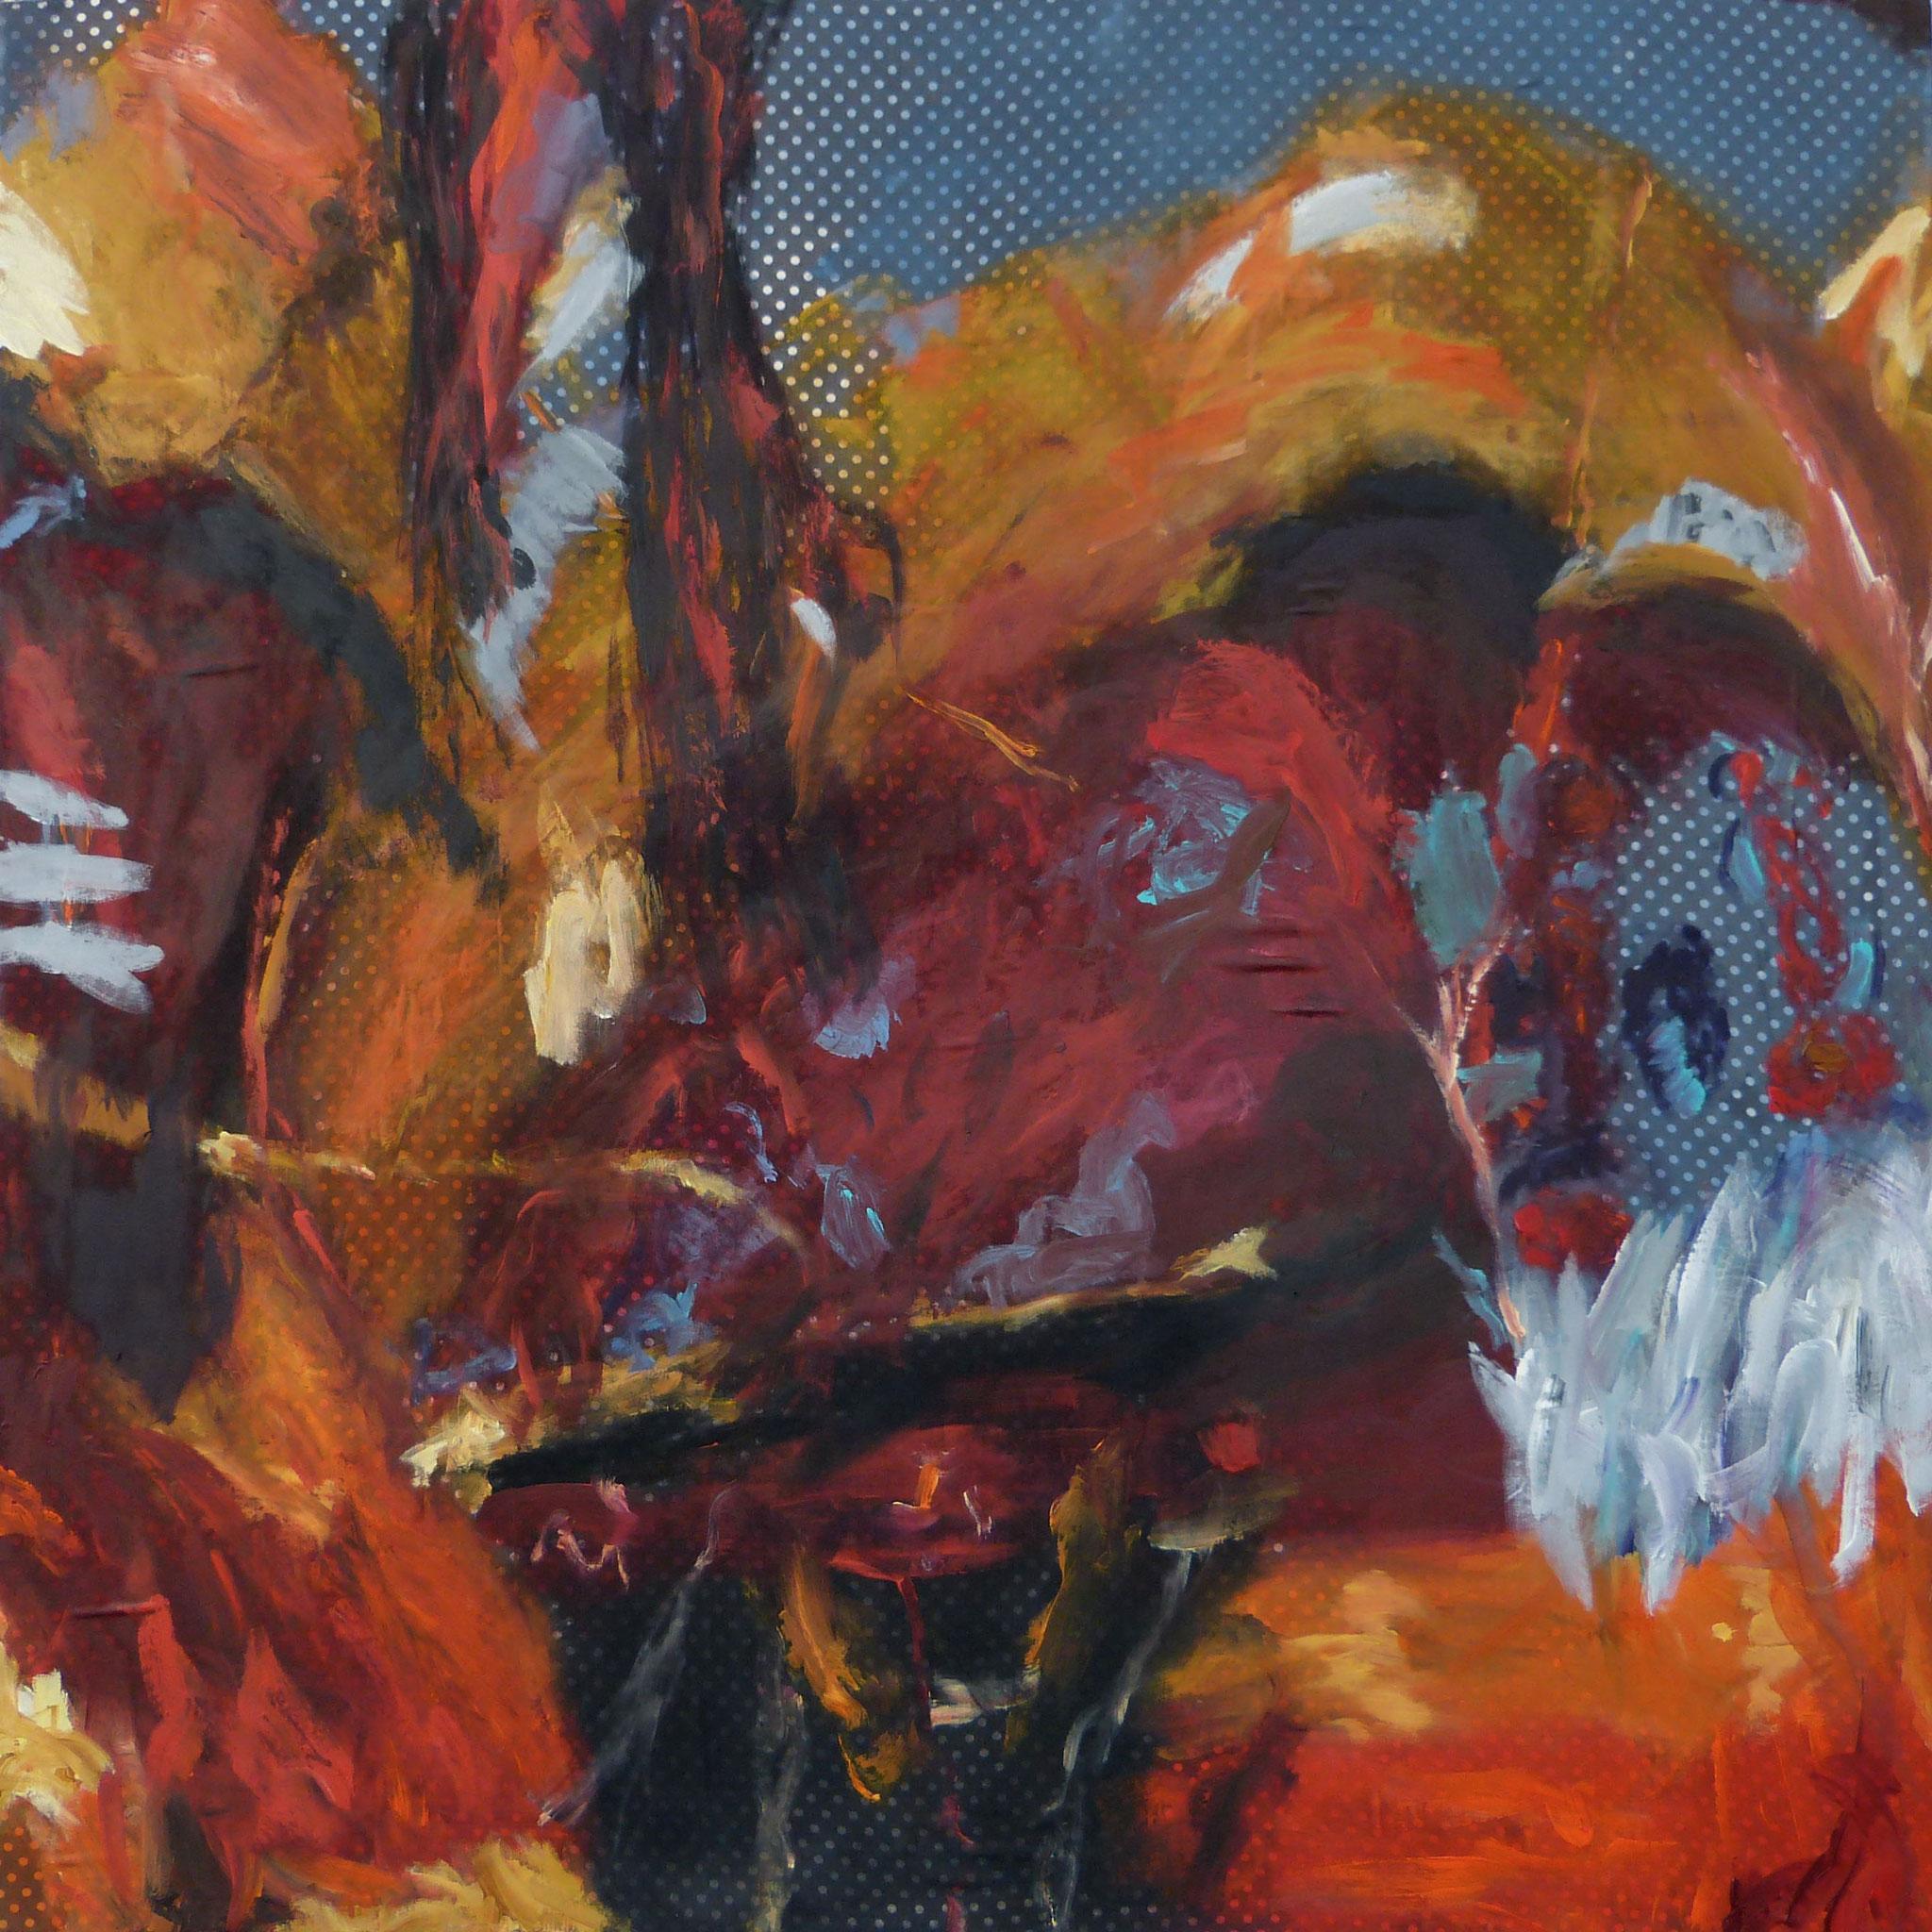 Masala 7, Acryl /Leinwand, 100 x 100 cm, 2016